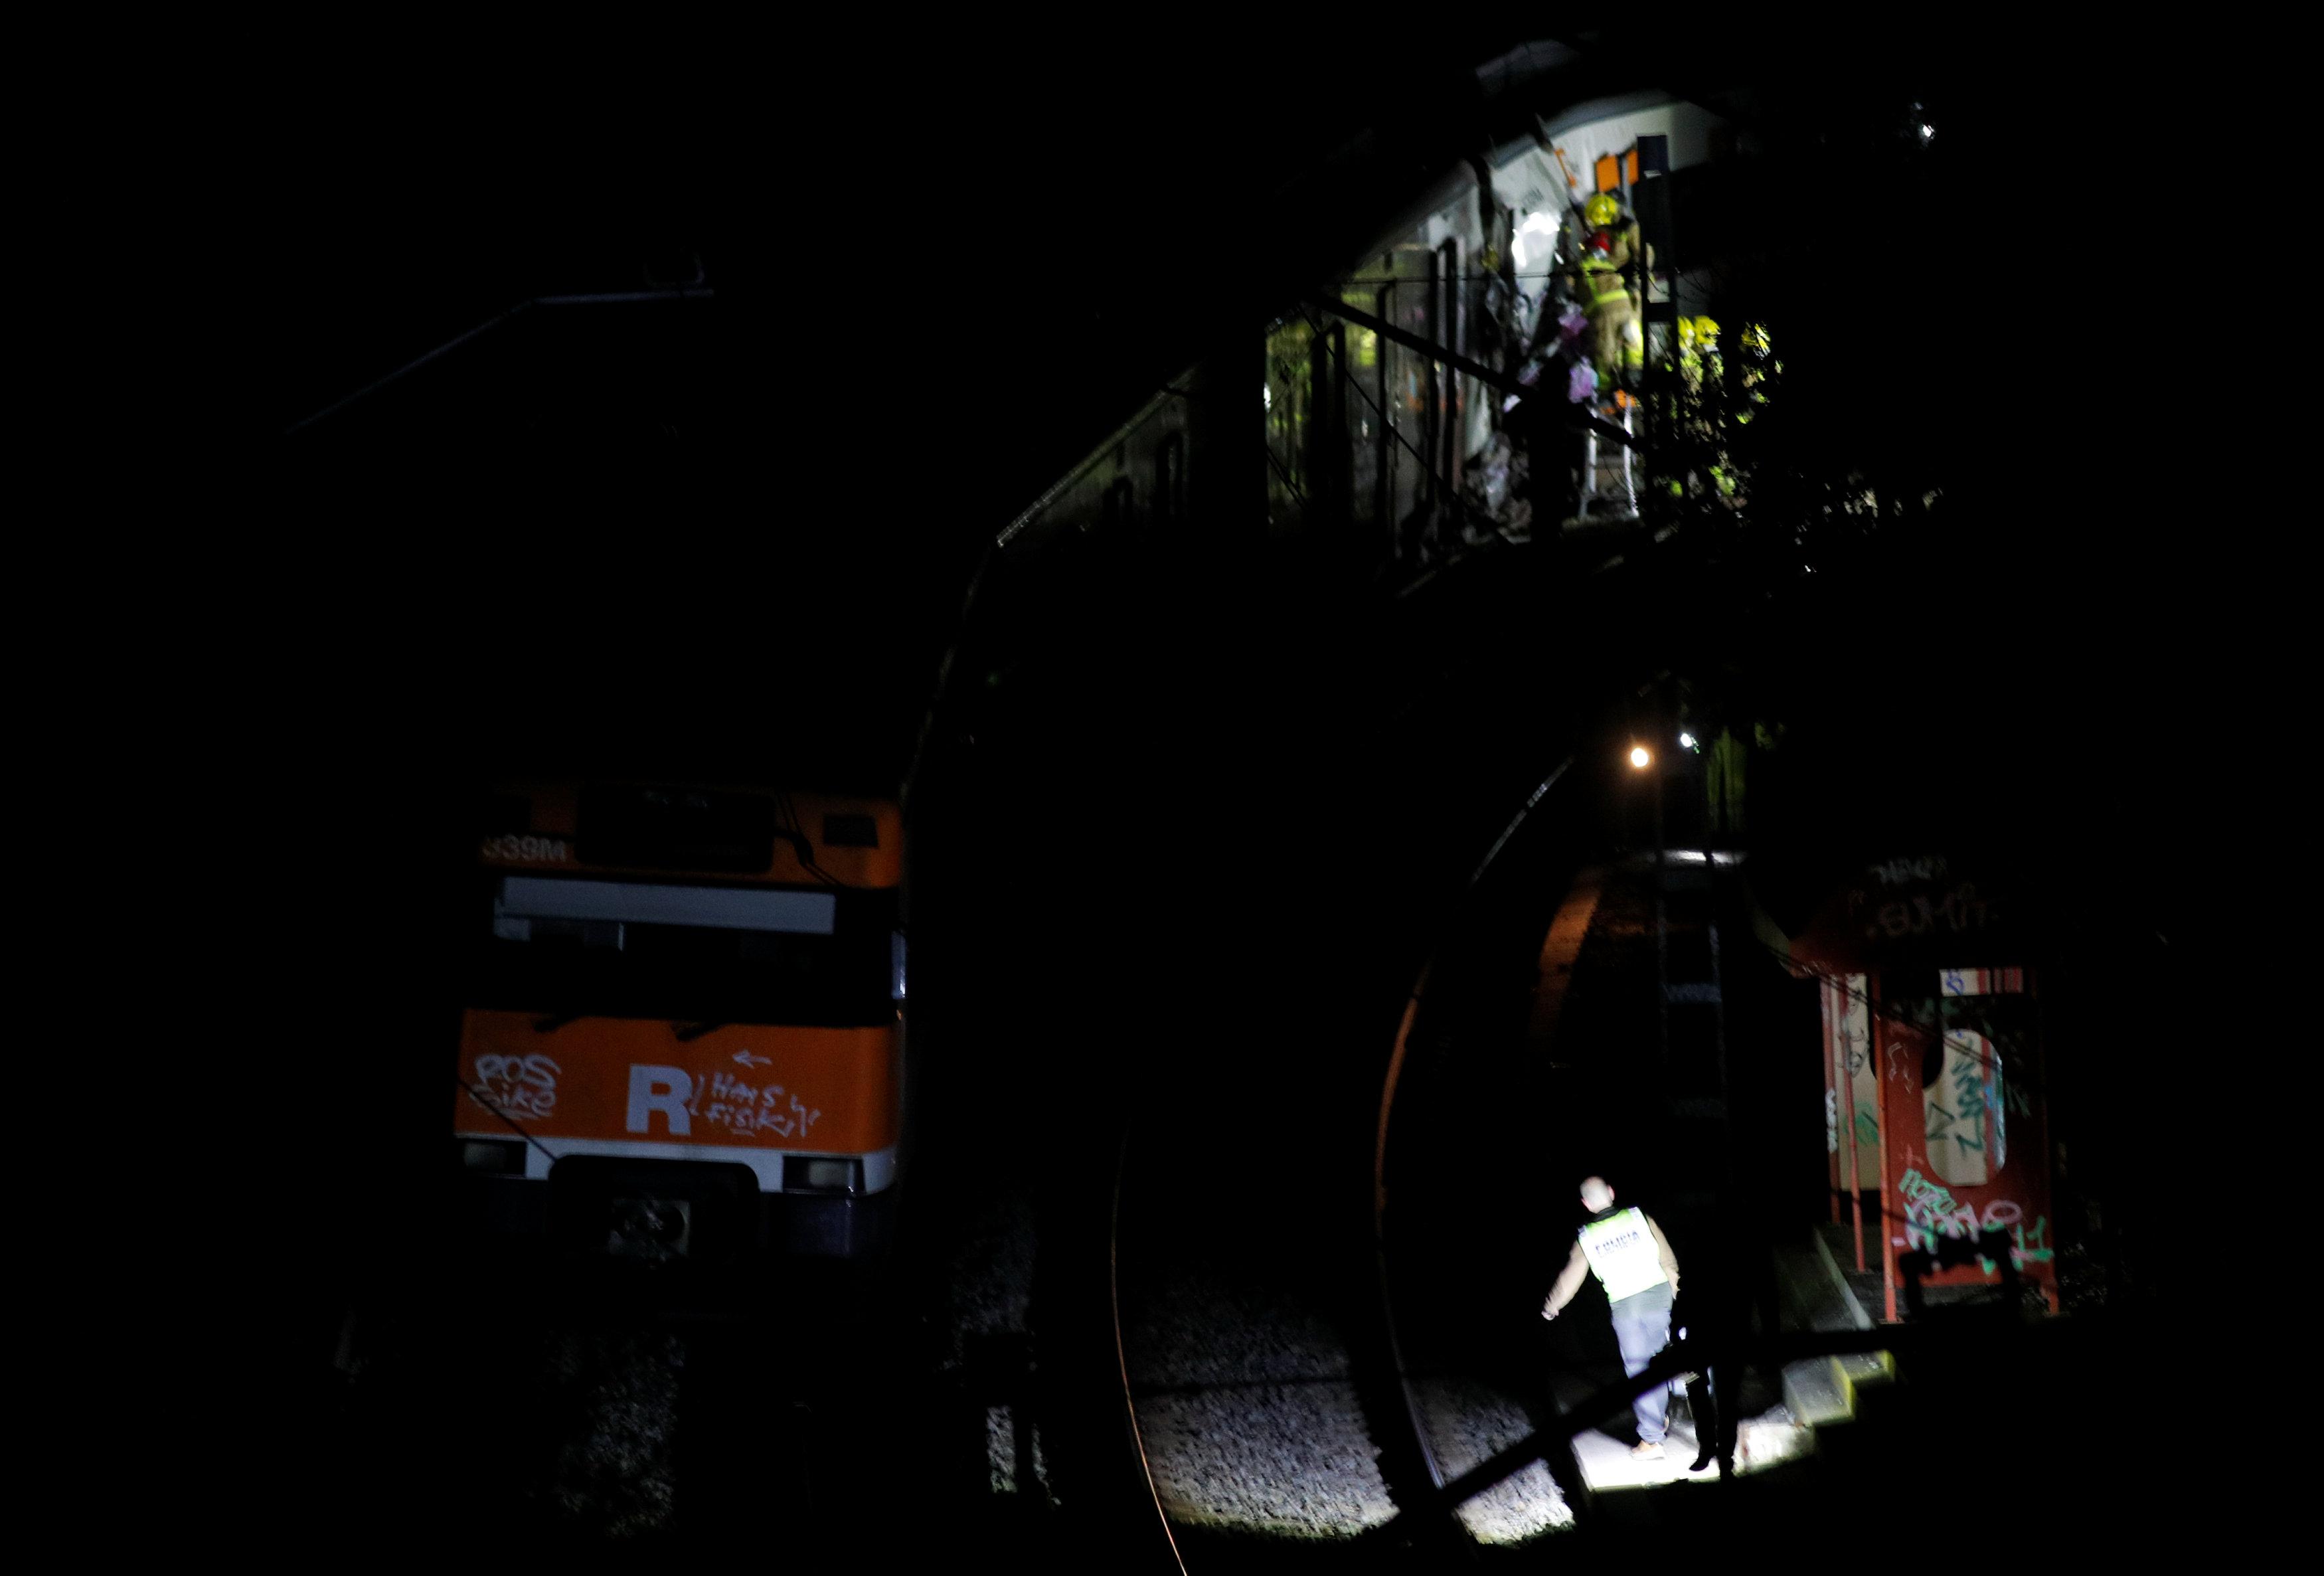 حادث تصادم قطارين بإسبانيا (7)